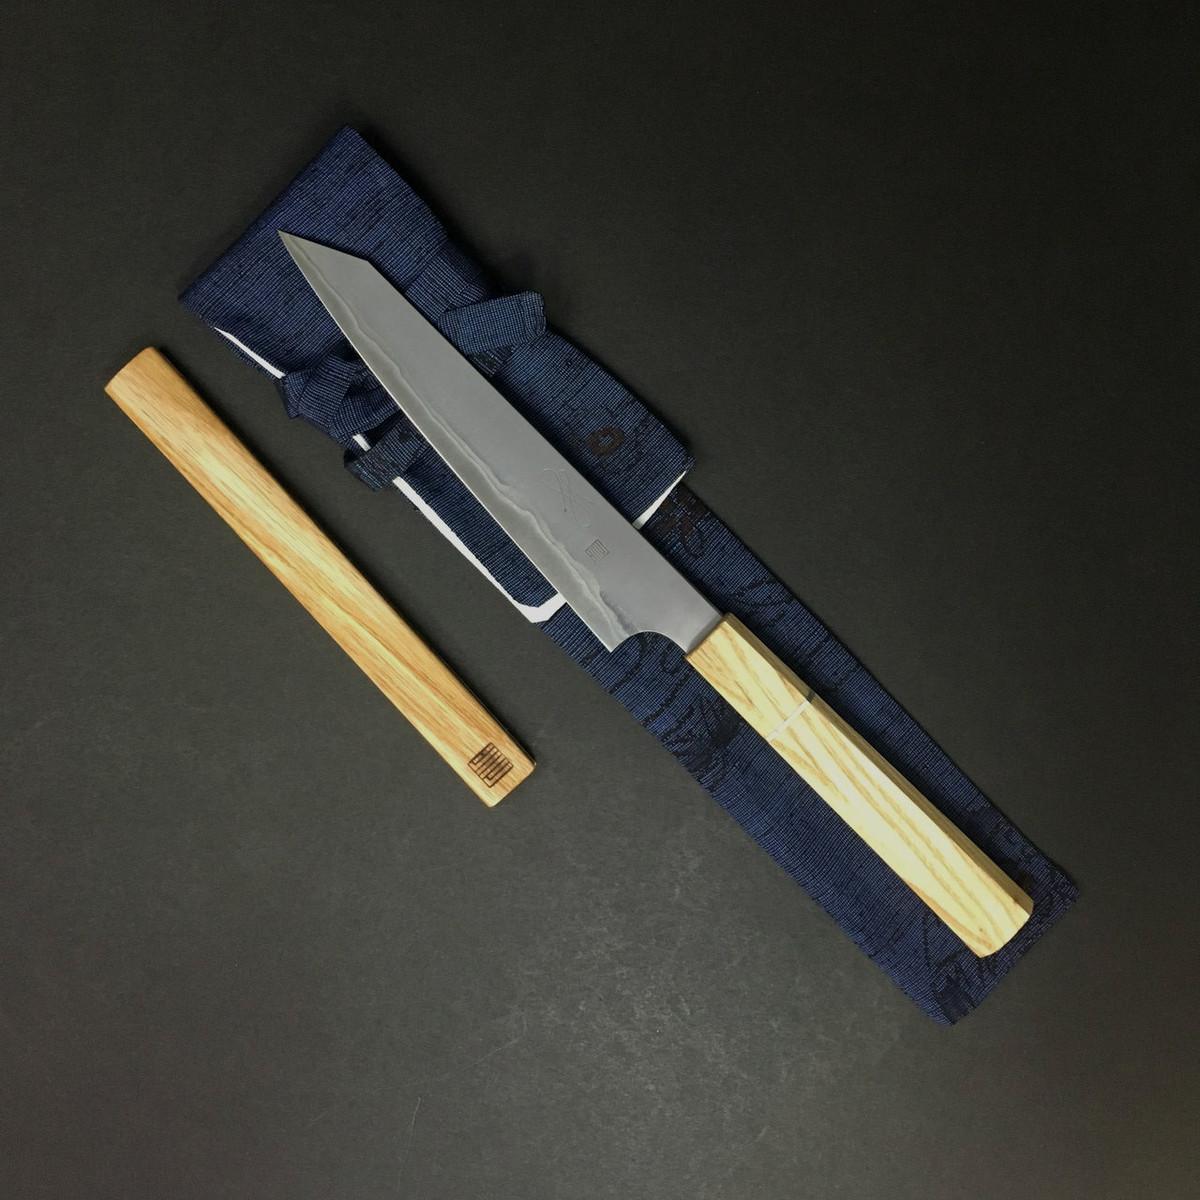 Shi.Han - Sanmai Clad - Petty 150mm (K-tip)